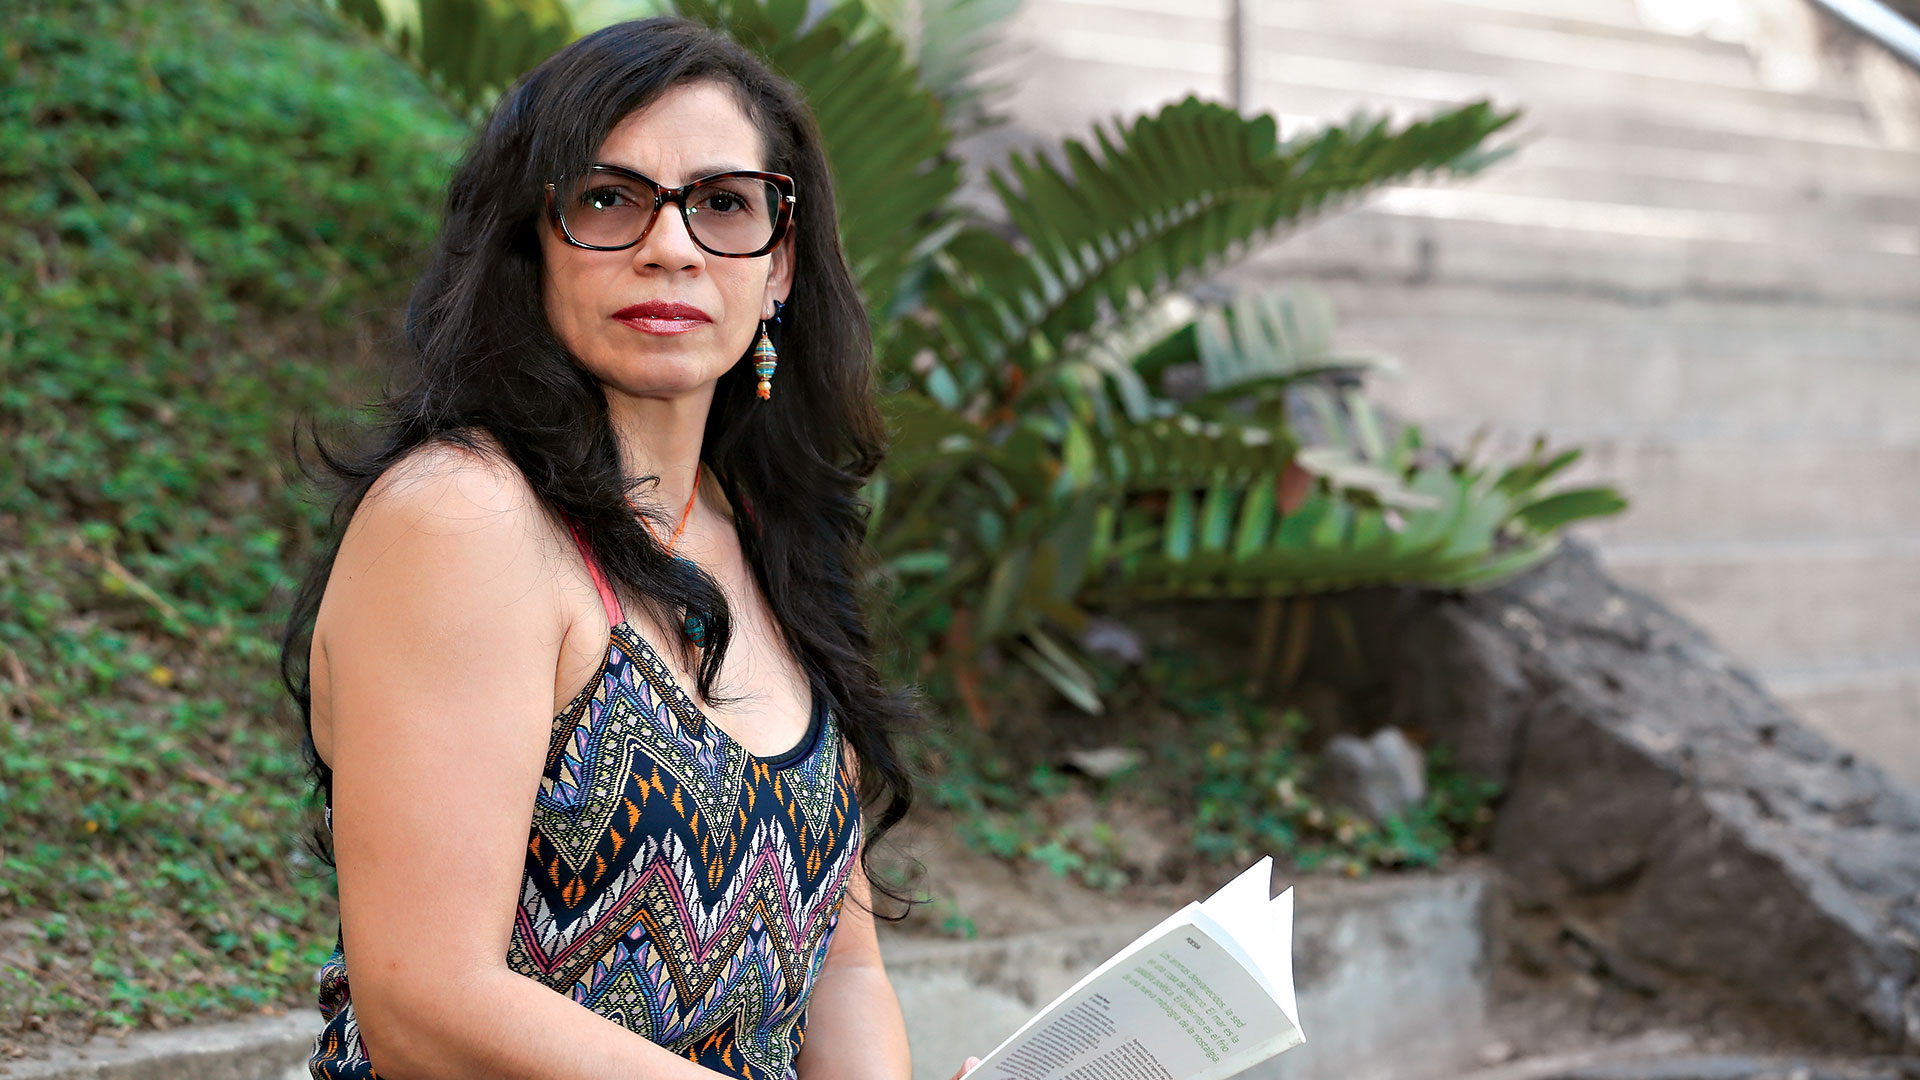 Susana Reyes